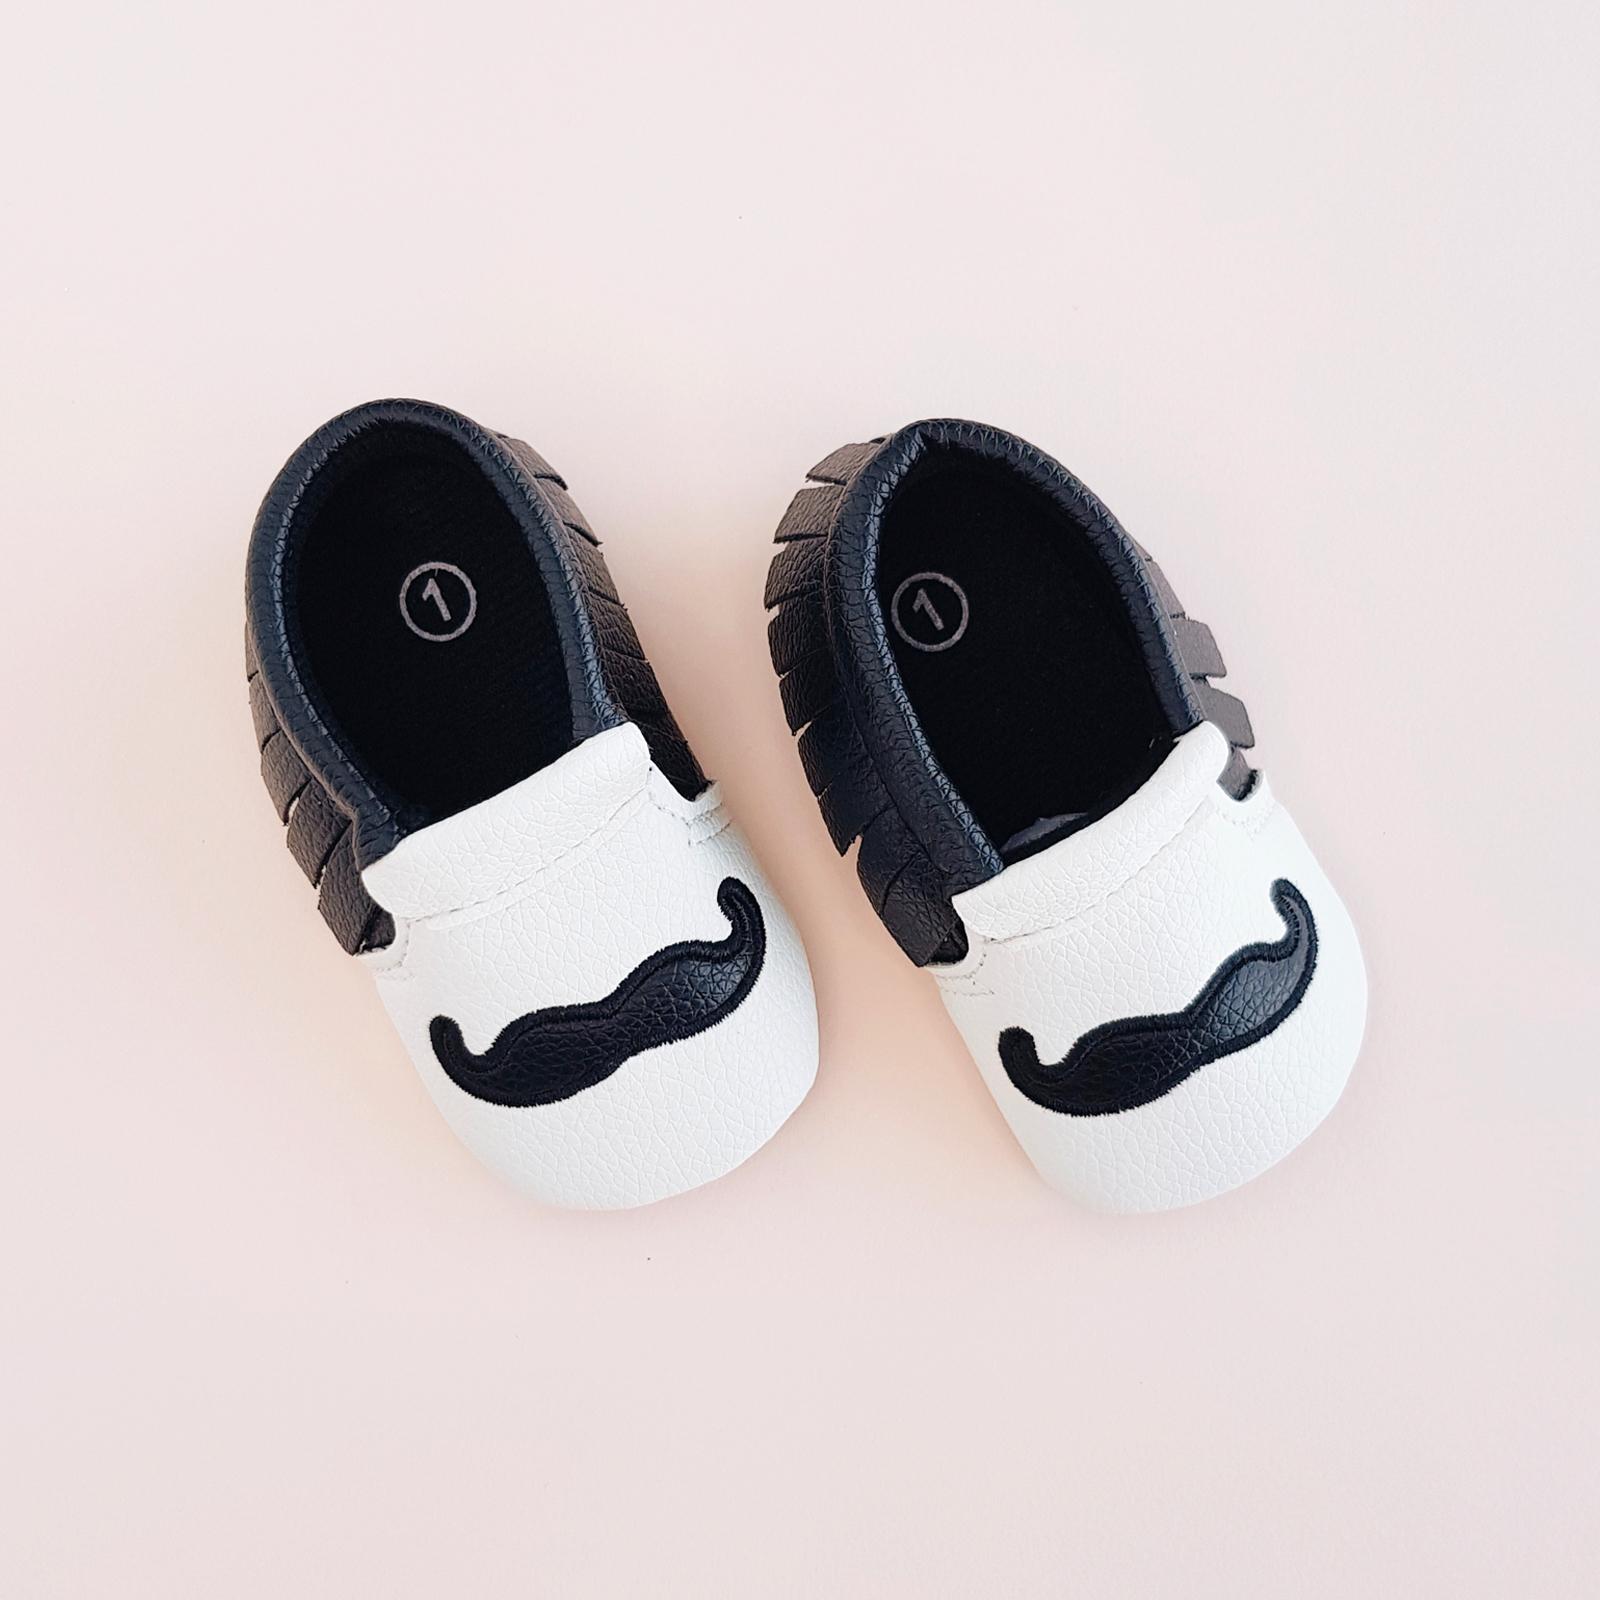 Mr Moustache Shoes1600x1600-1.jpg